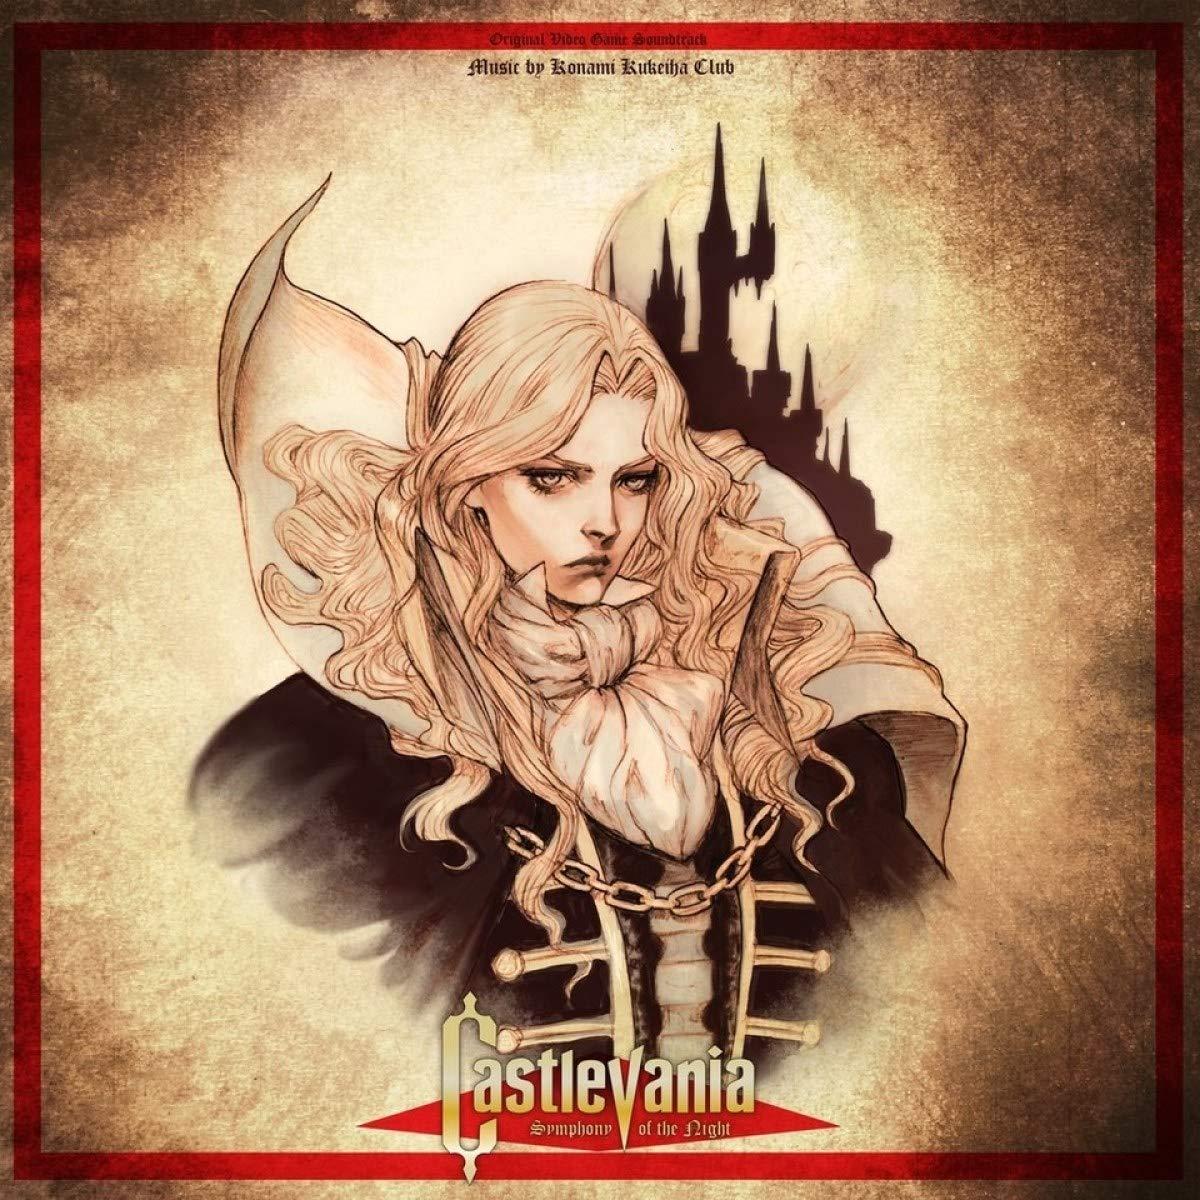 Castlevania Symphony Of The Night (Original Soundtrack)